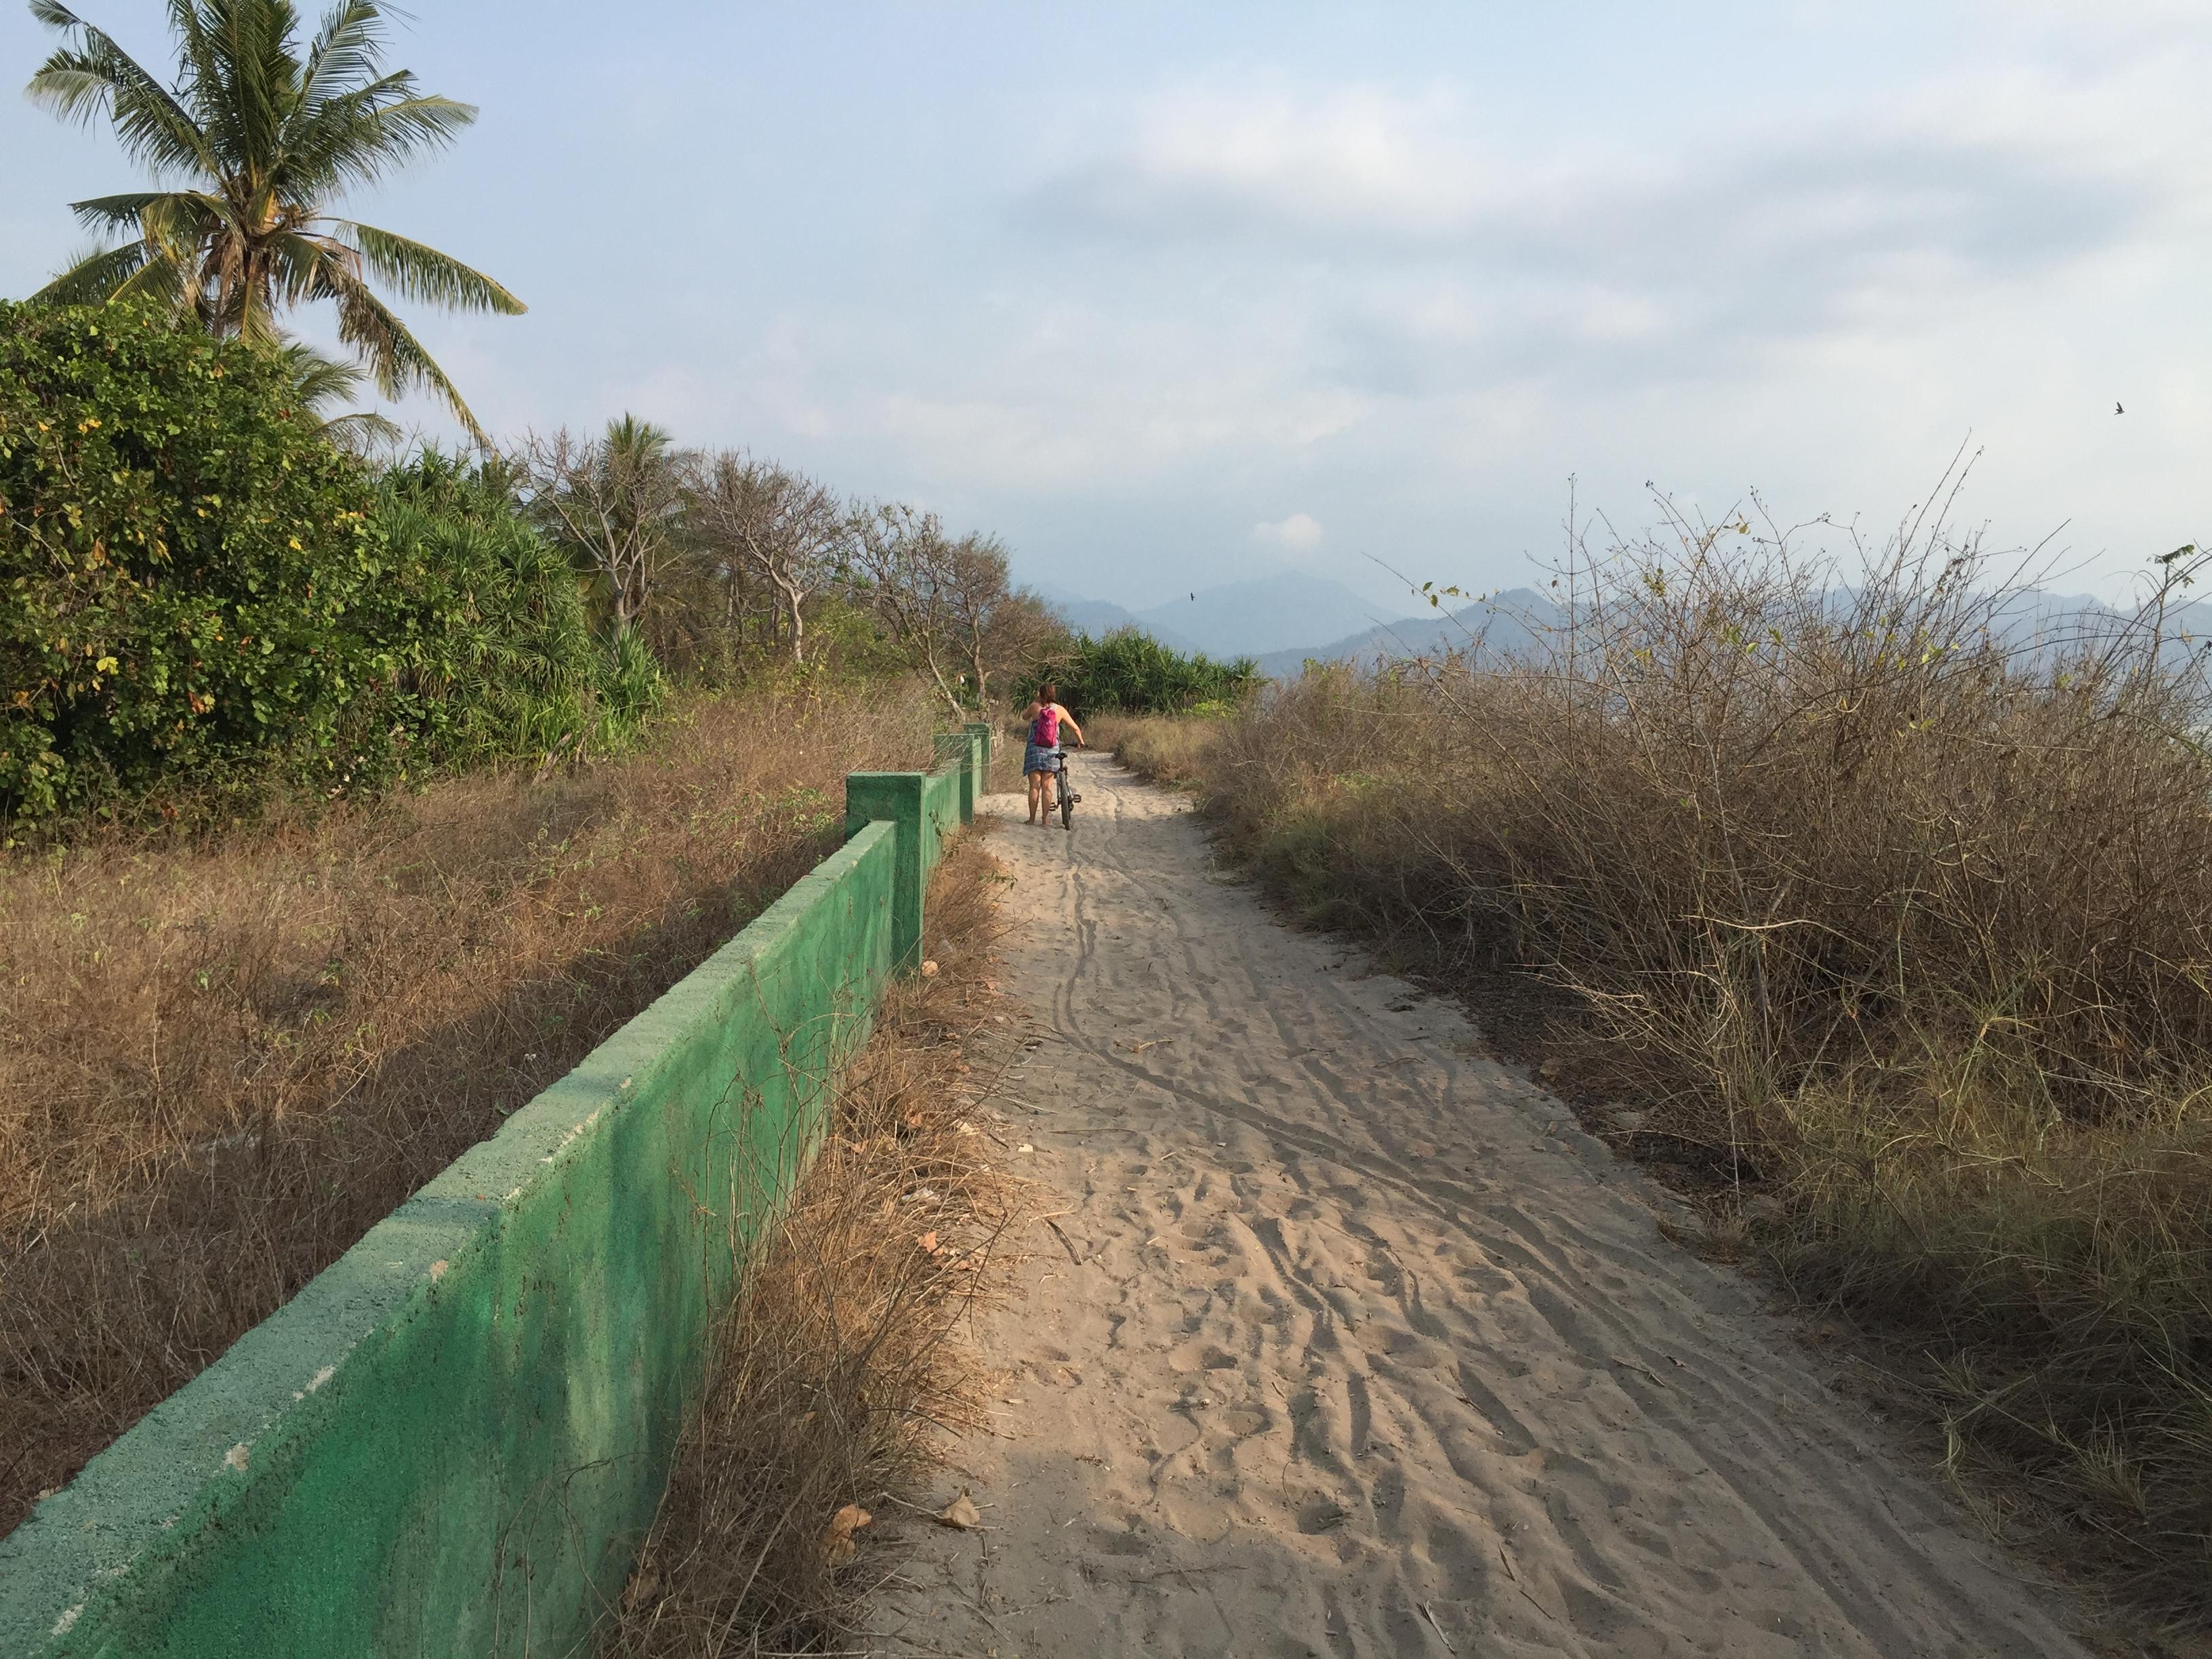 Fahrrad schieben auf sandigen Küstenstraßen.